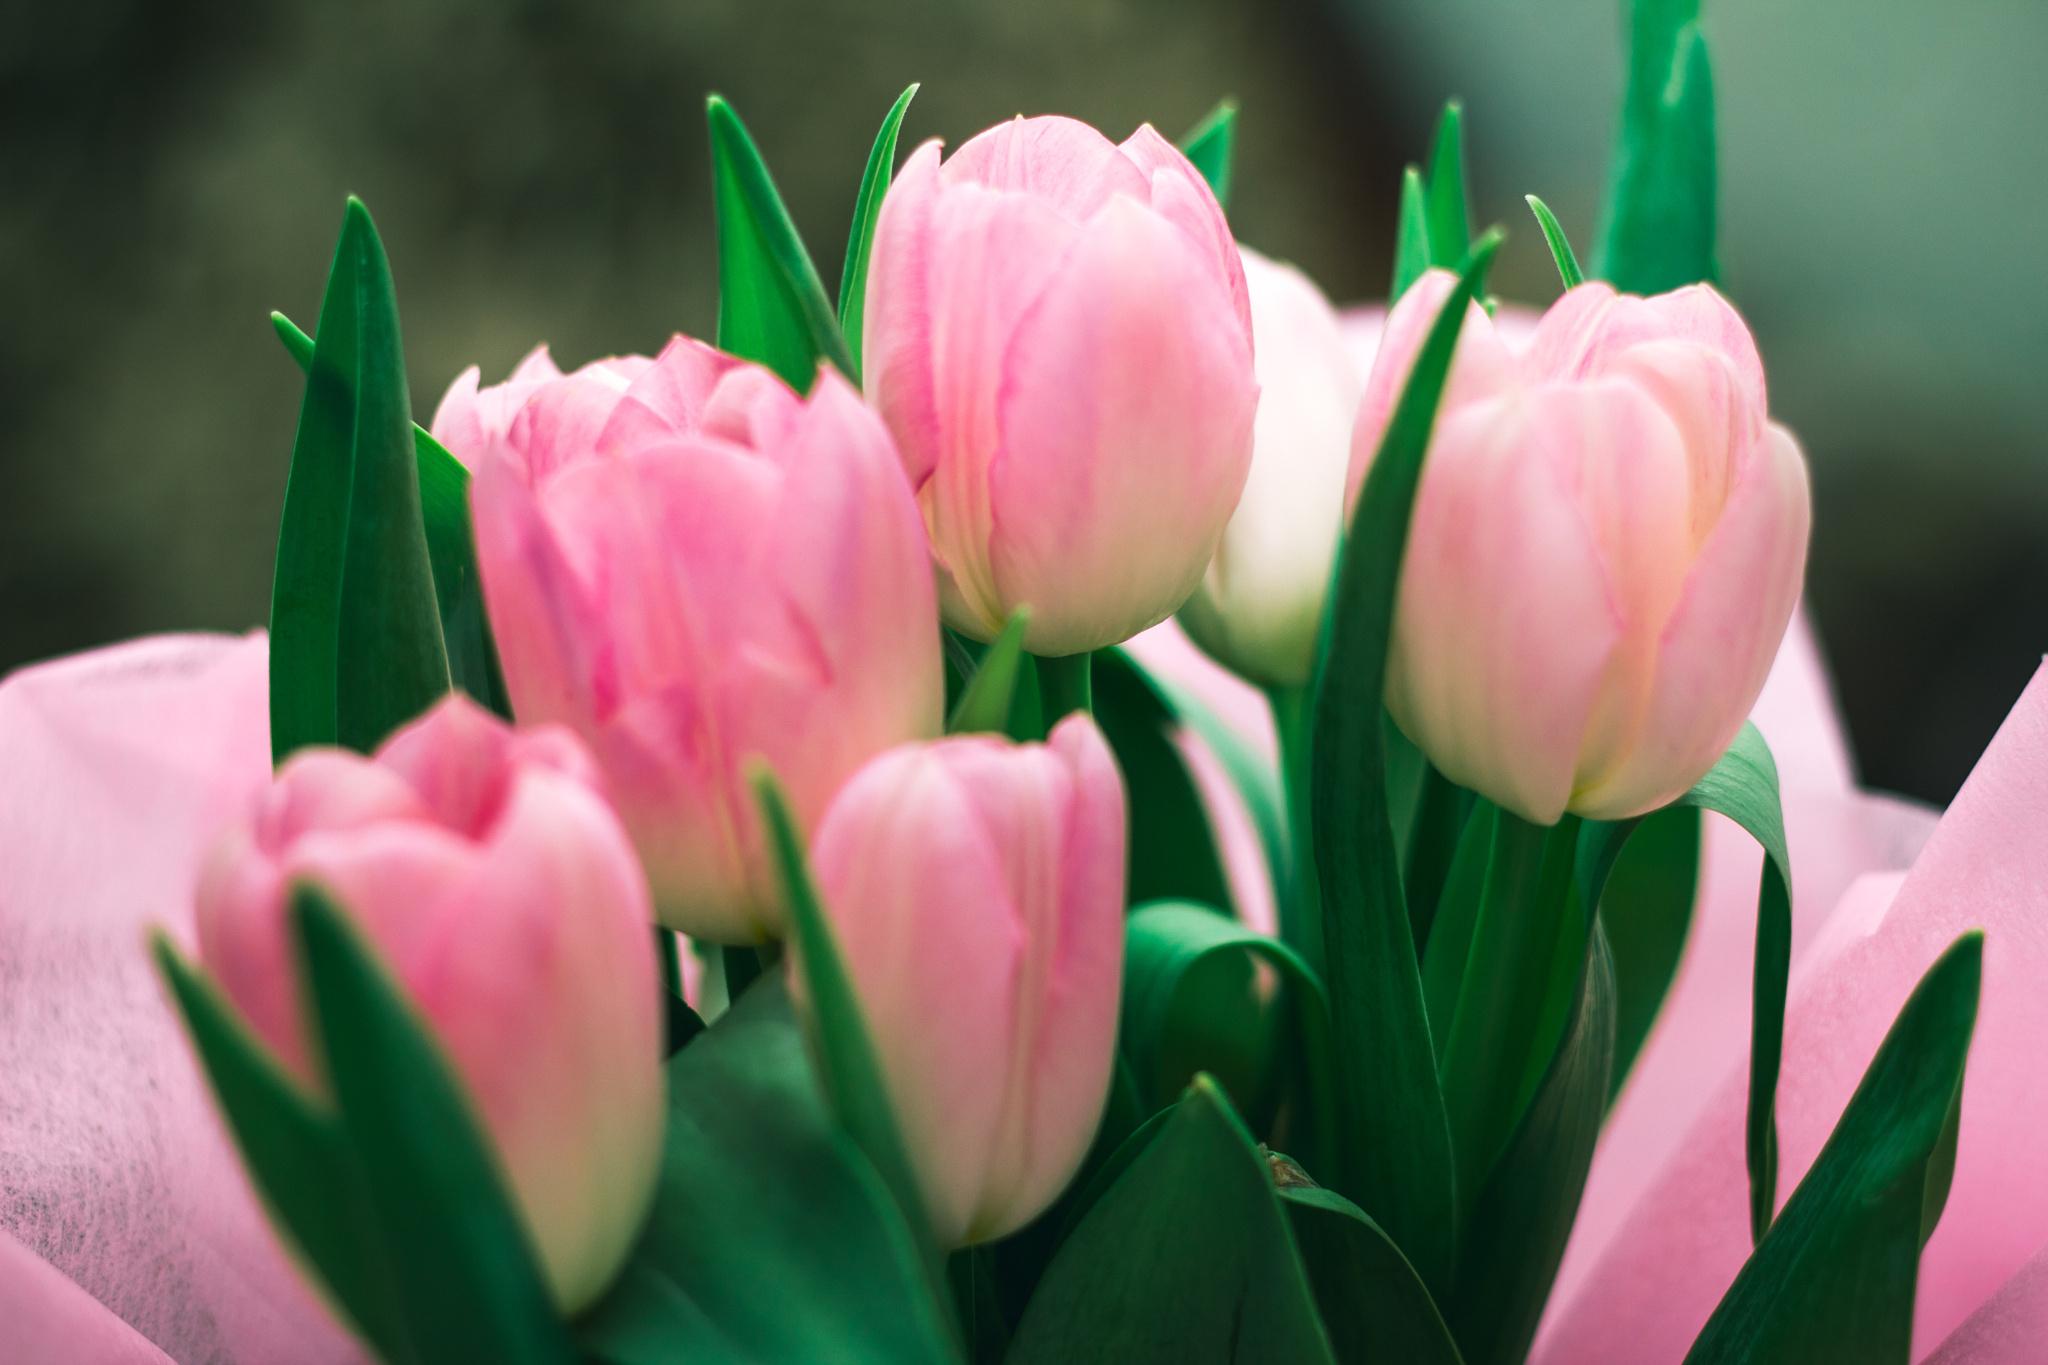 картинка нежно розовых тюльпанов одинаковые